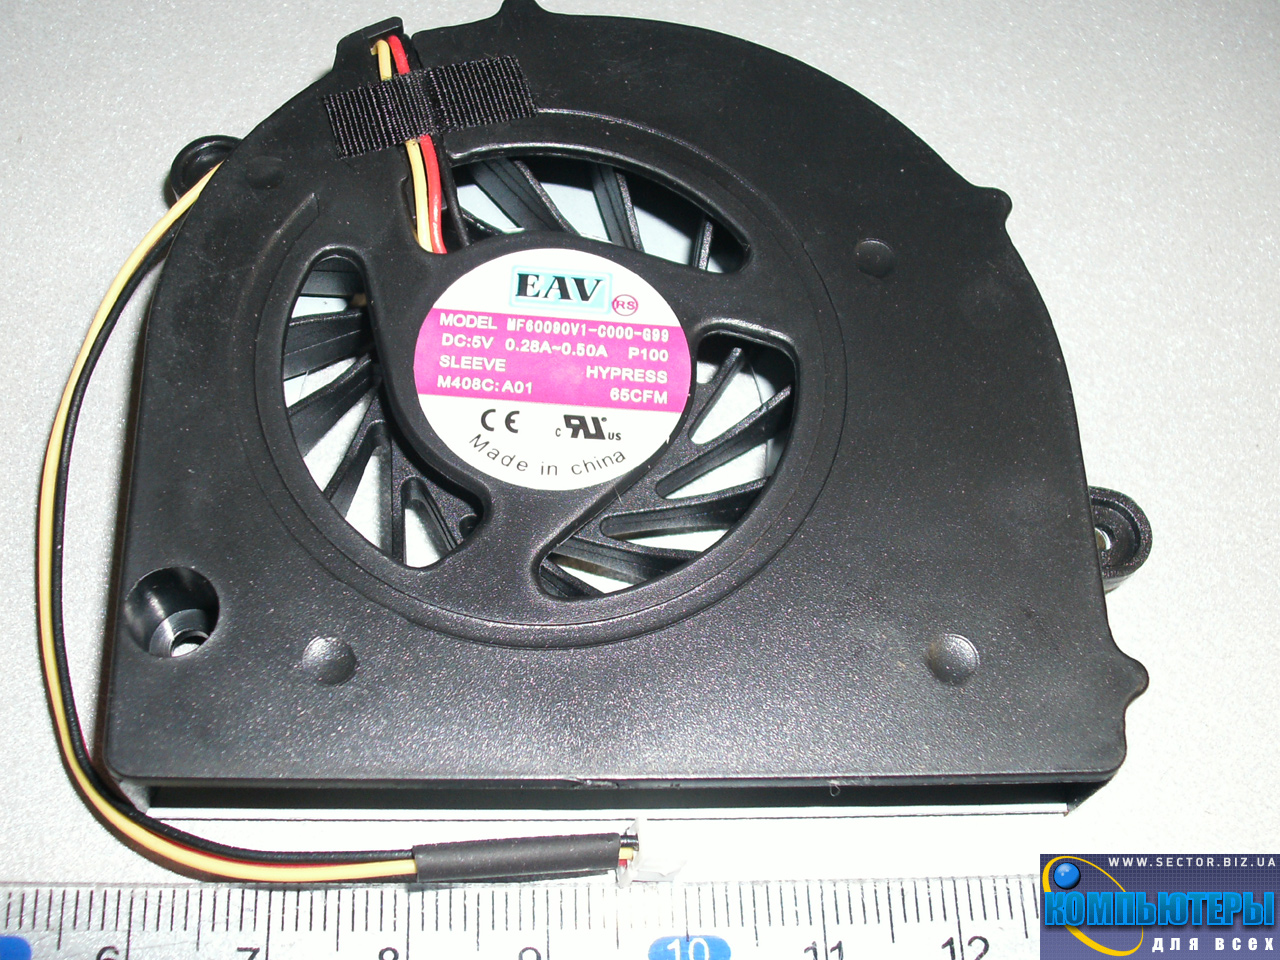 Кулер к ноутбуку Lenovo G450 G455 G550 G550M G555 B550 L3000 G450A G450M p/n: MF60090V1-C000-G99. Фото № 2.